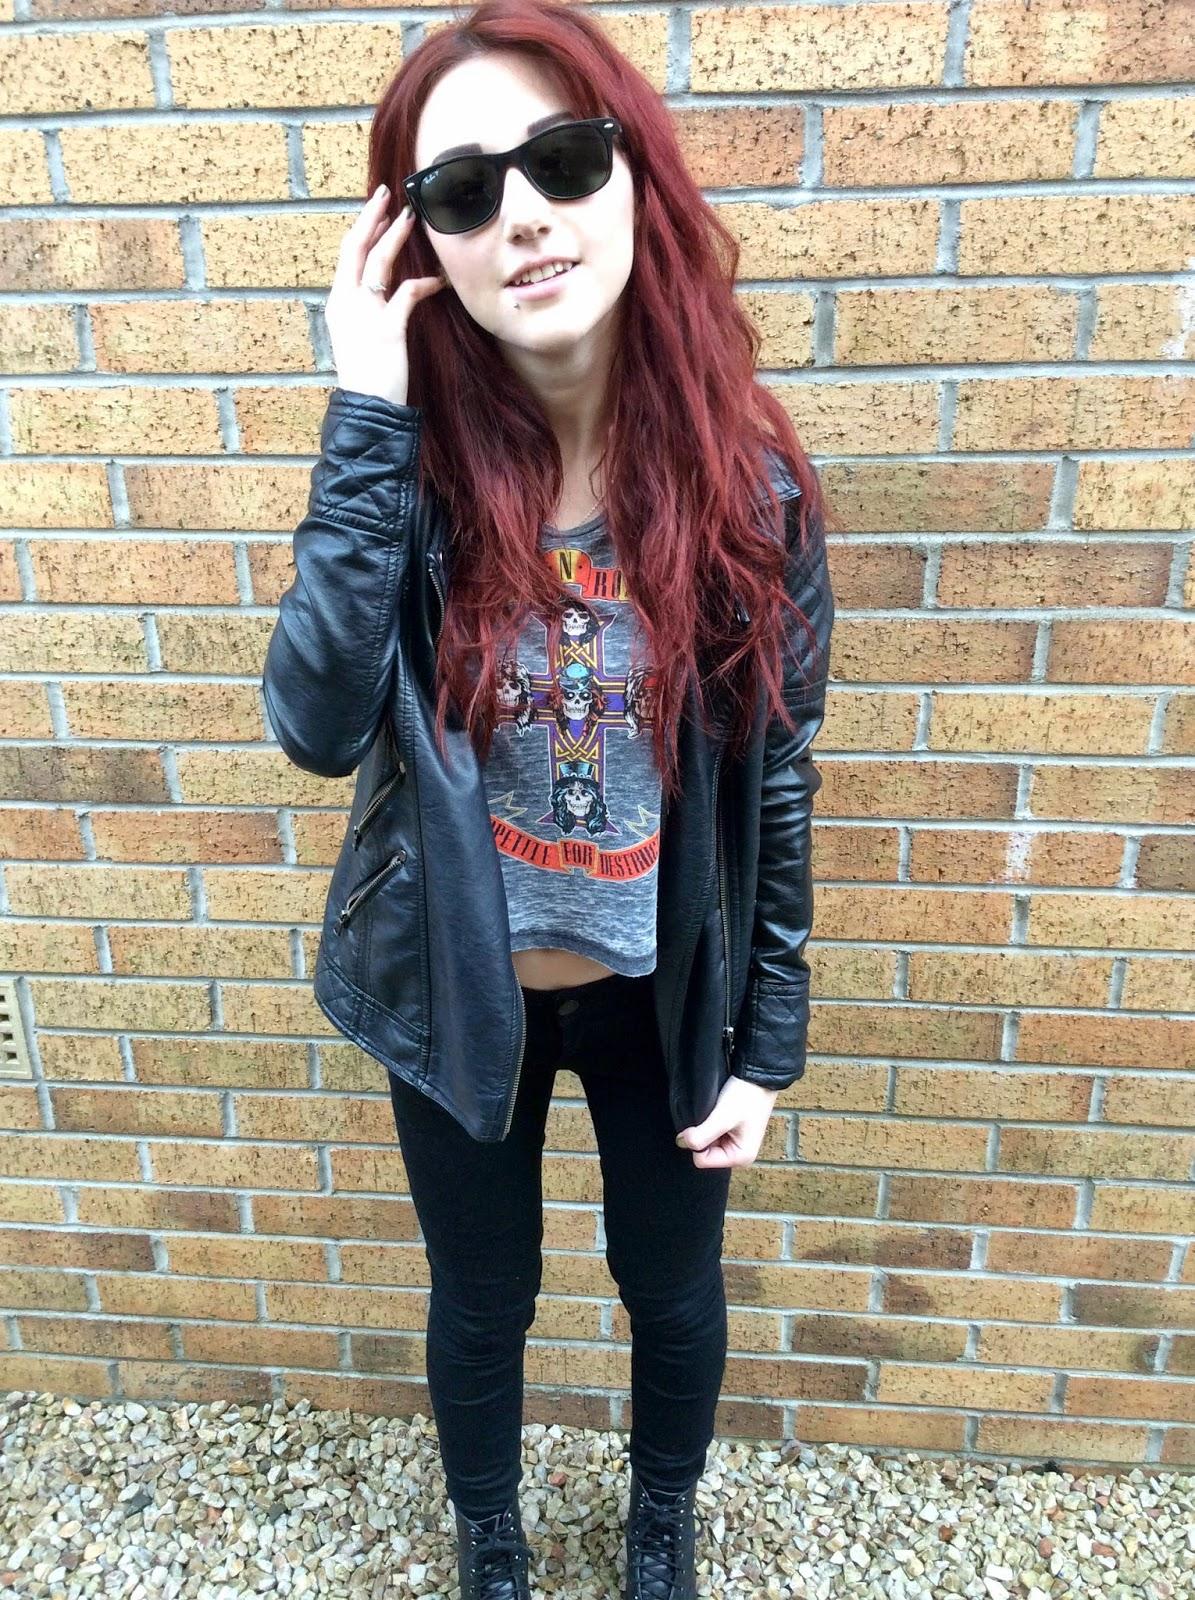 OOTD Girl Guns n' Roses Crop Top Black Skinny Jeans Combat Boots